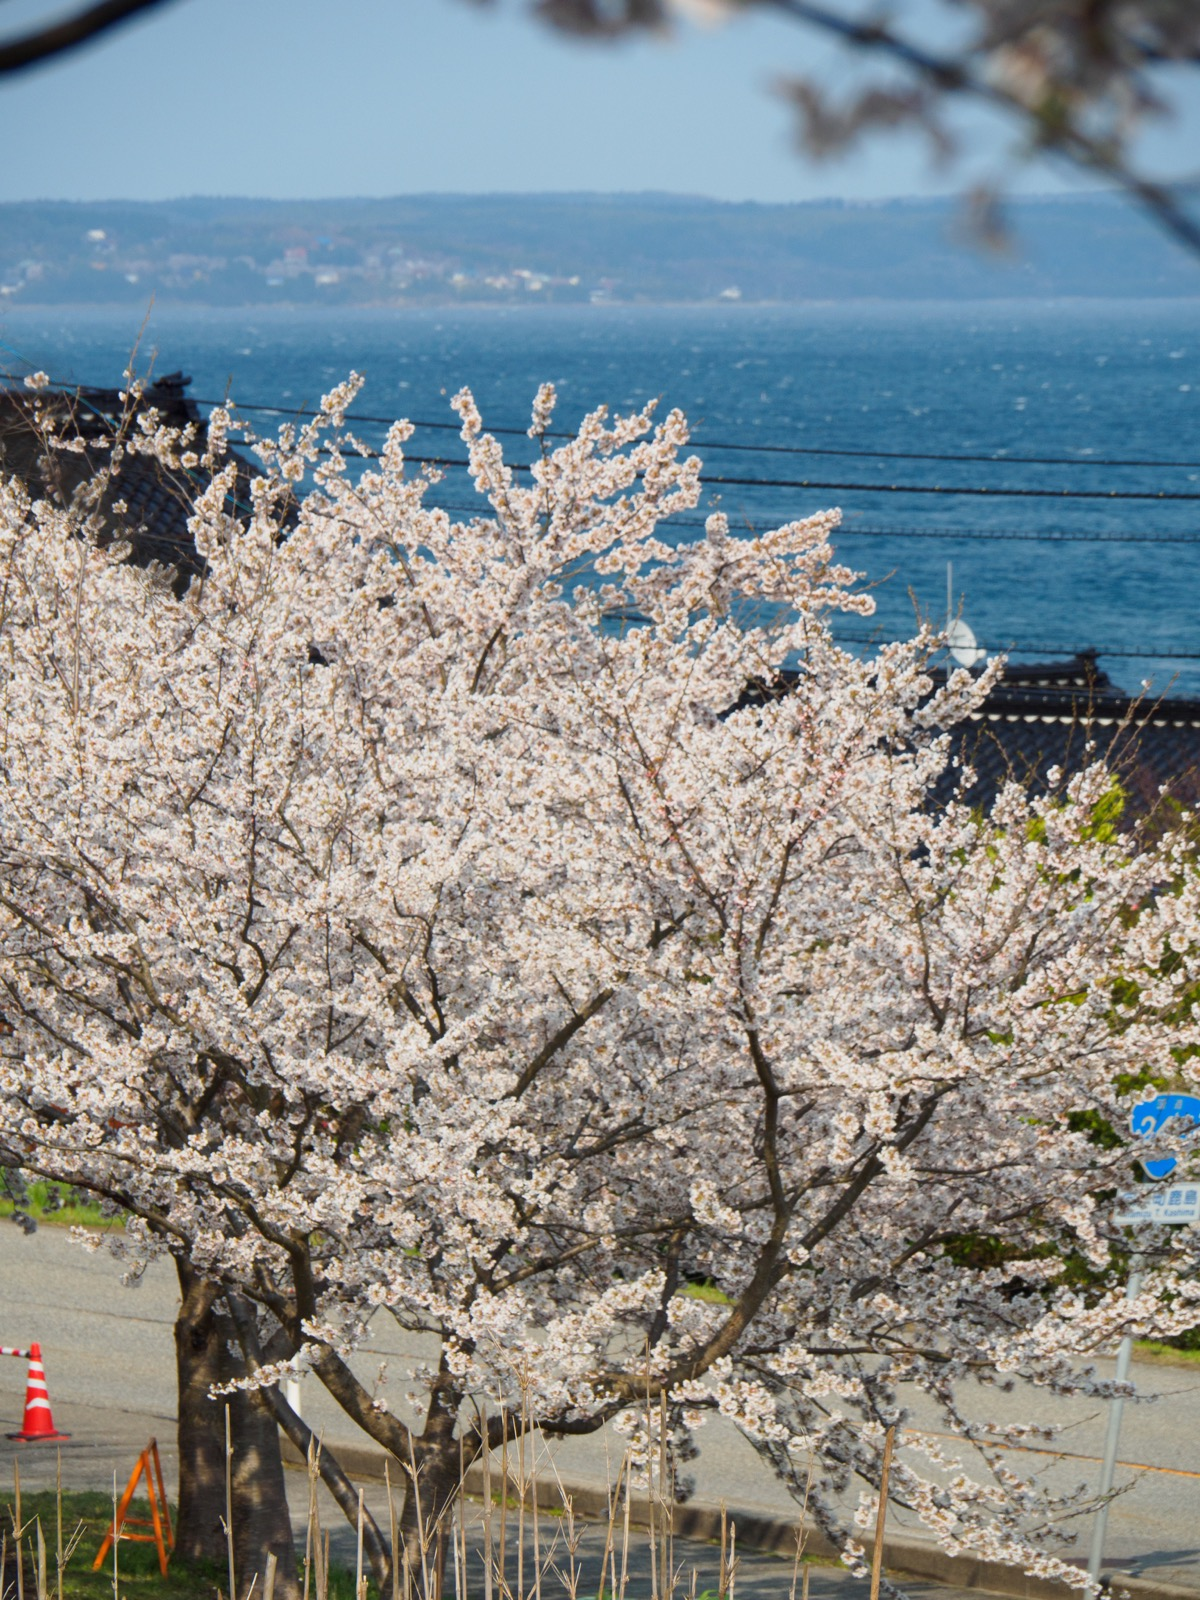 能登鹿島駅(能登さくら駅)から見る桜と七尾湾